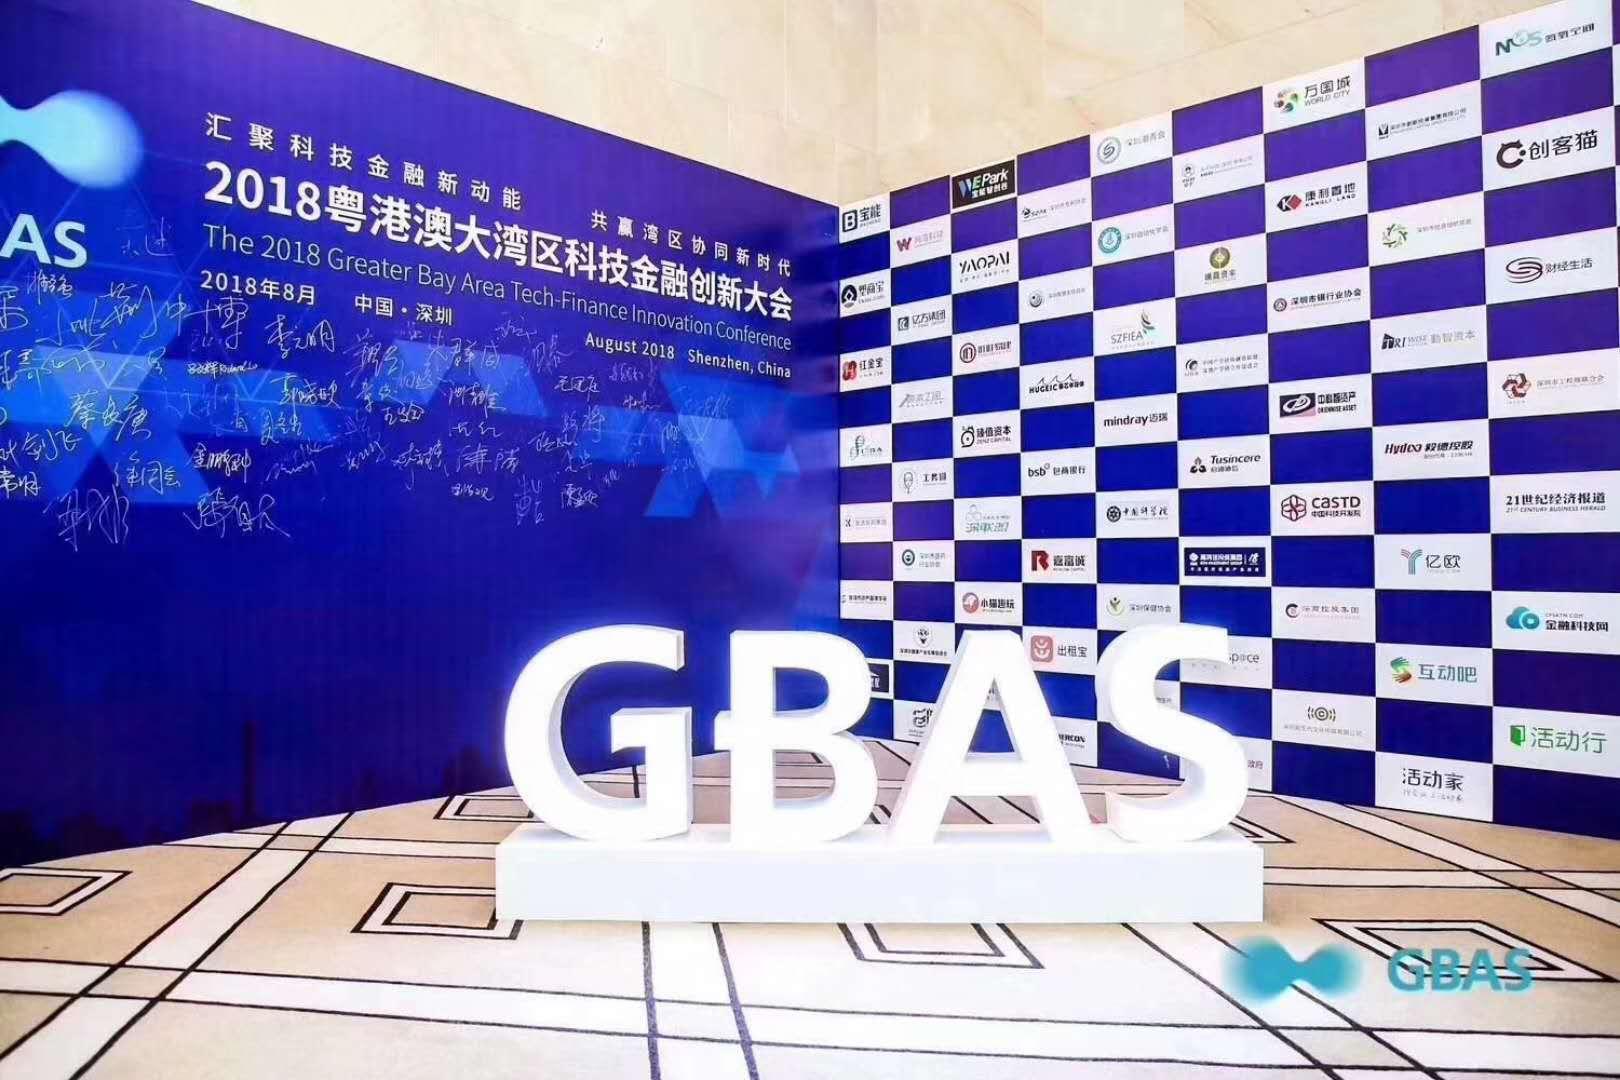 2018粤港澳大湾区科技金融创新大会一东莞站